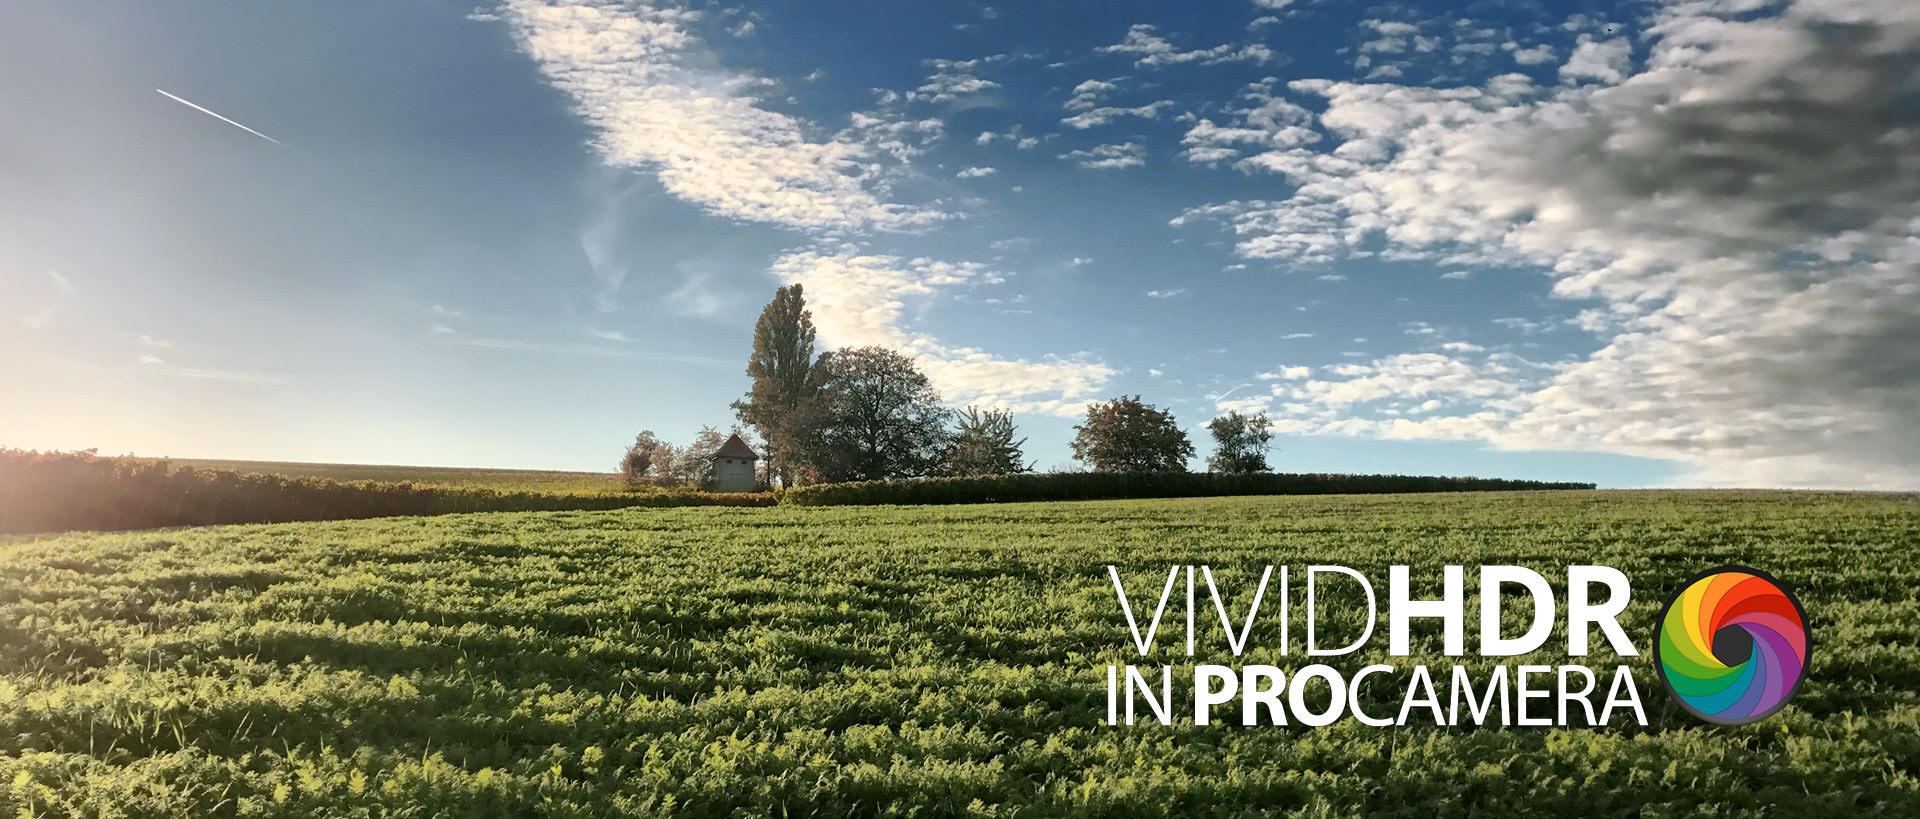 procamera v10 2リリース v10 0からの機能強化まとめ デュアルカメラ